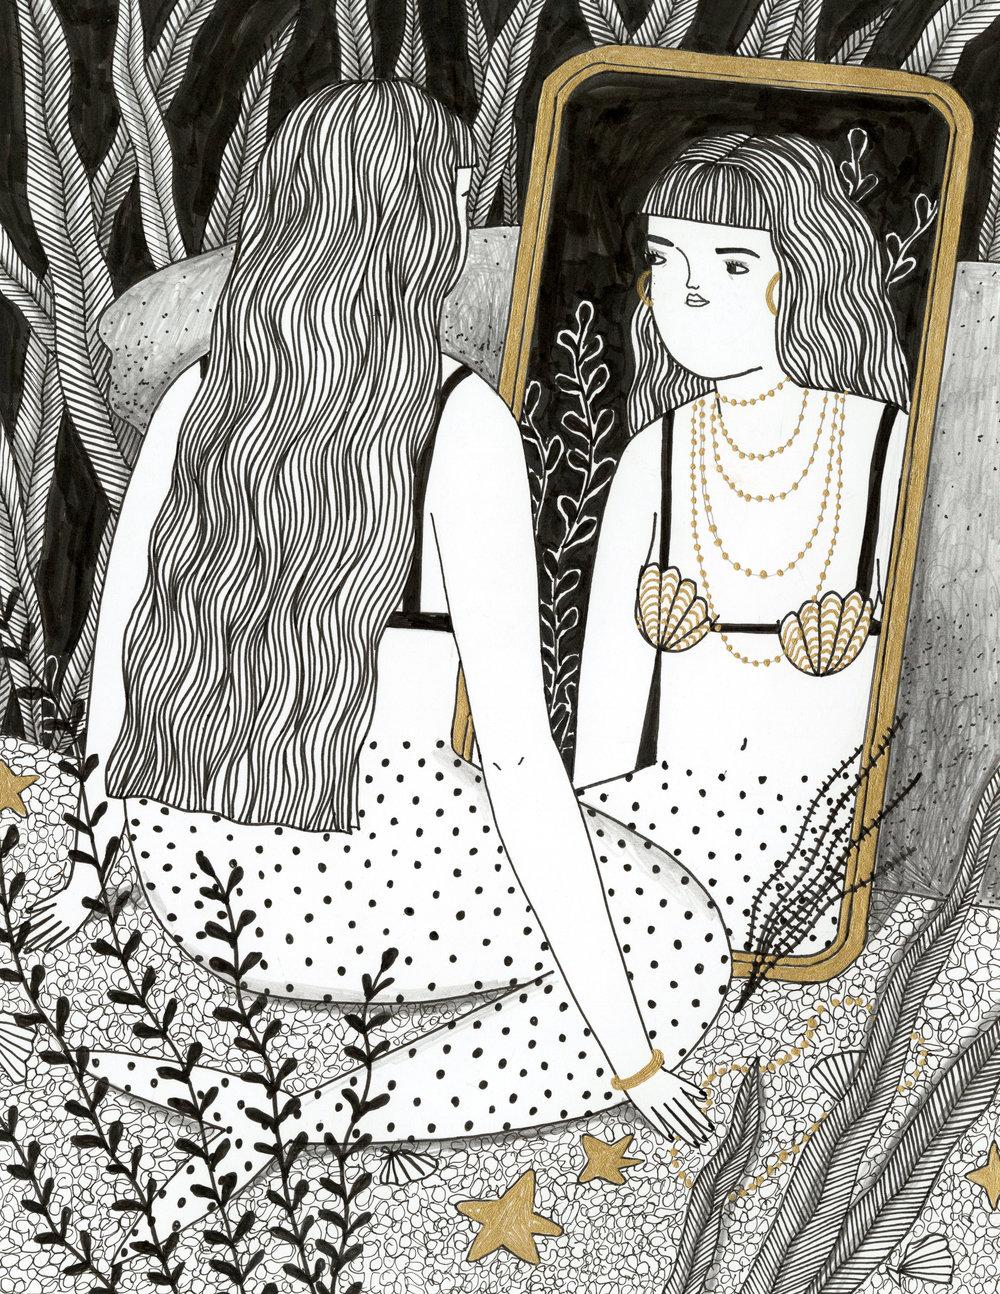 Mirror Mermaid